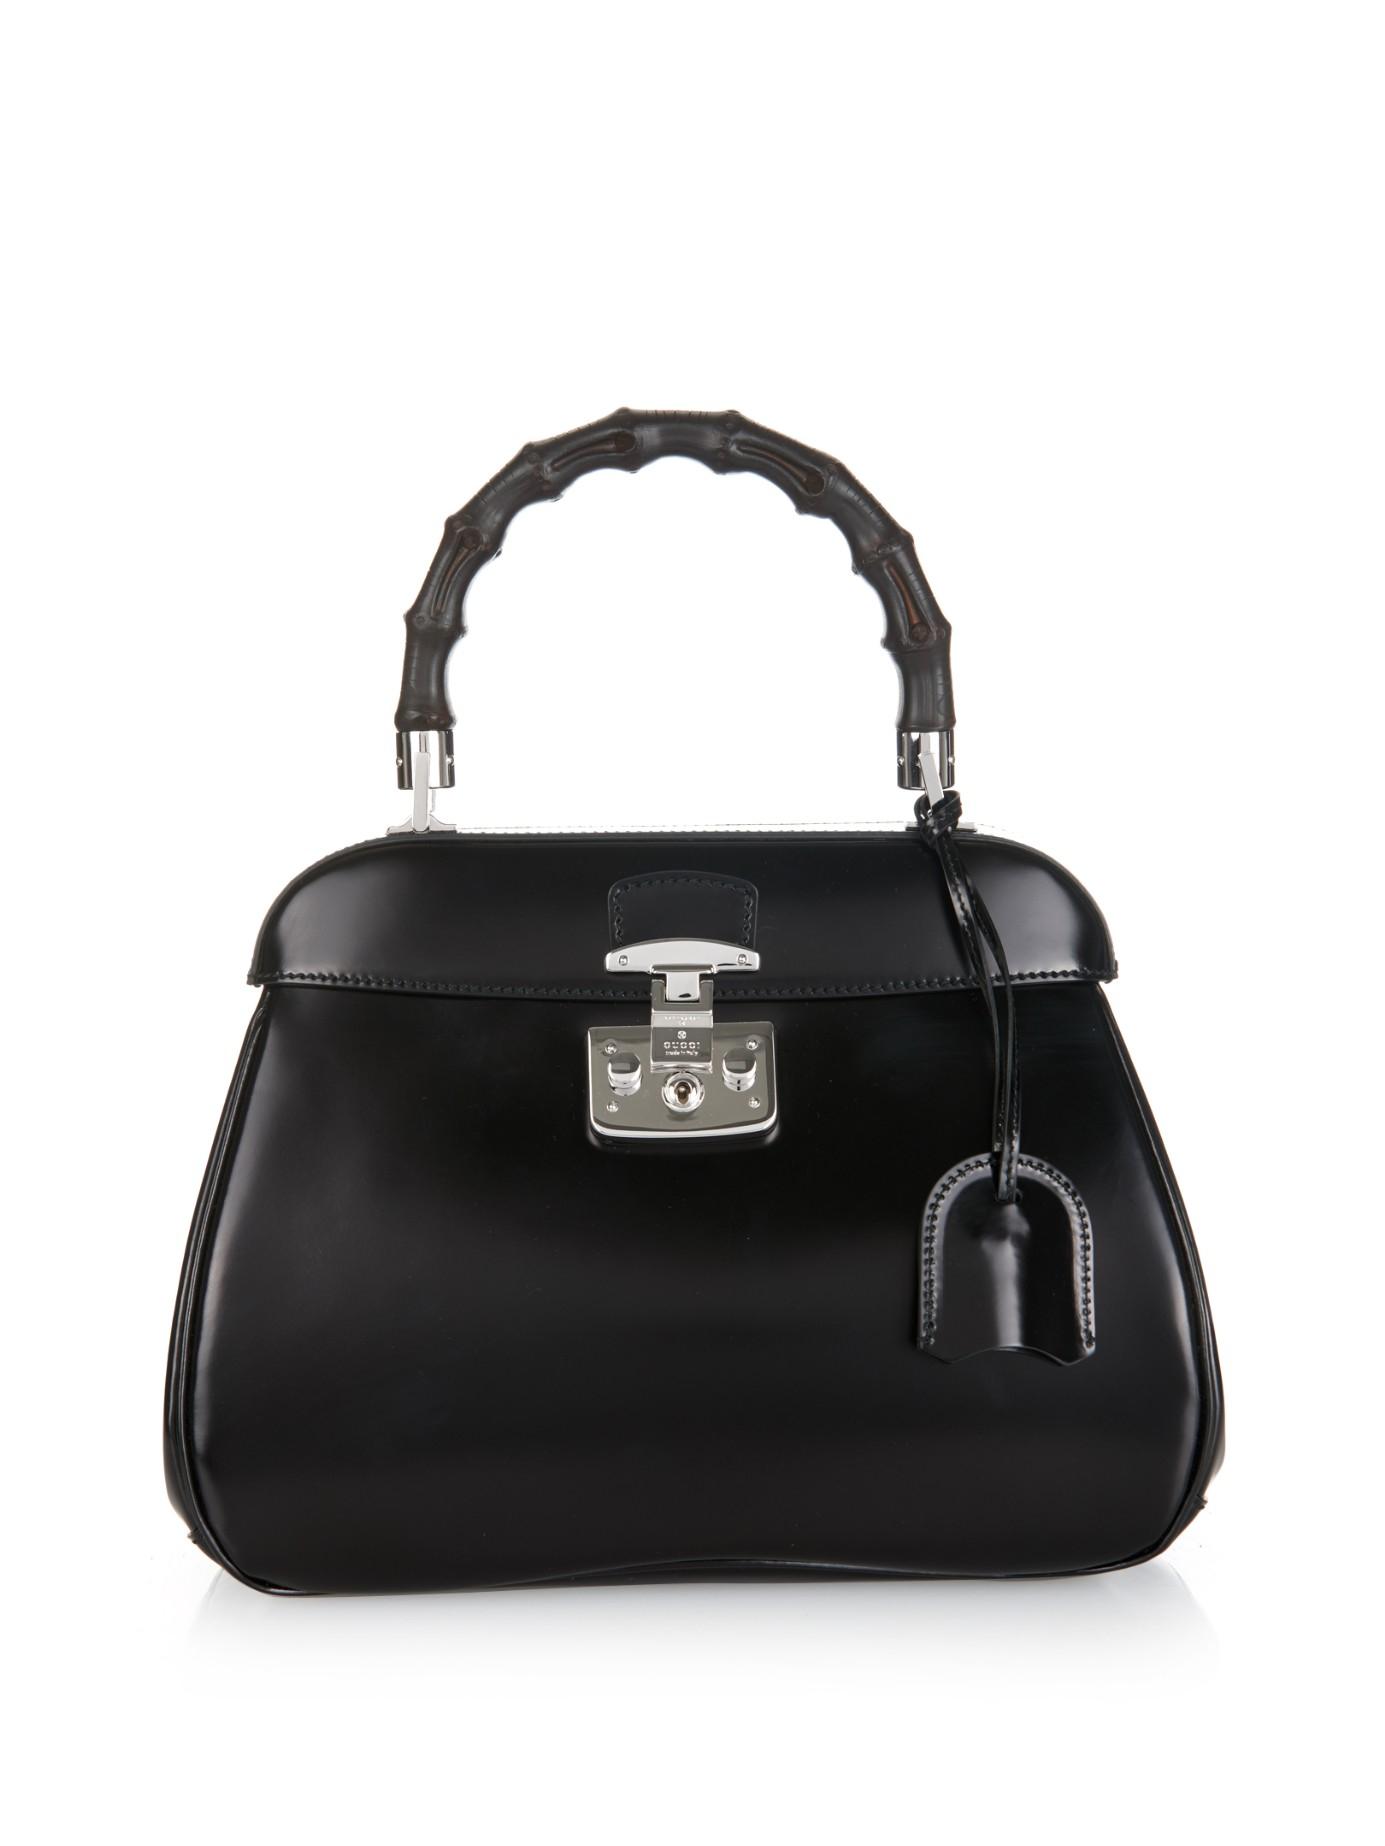 a68dd71e0fd Lyst - Gucci Lady Lock Medium Leather Bag in Black